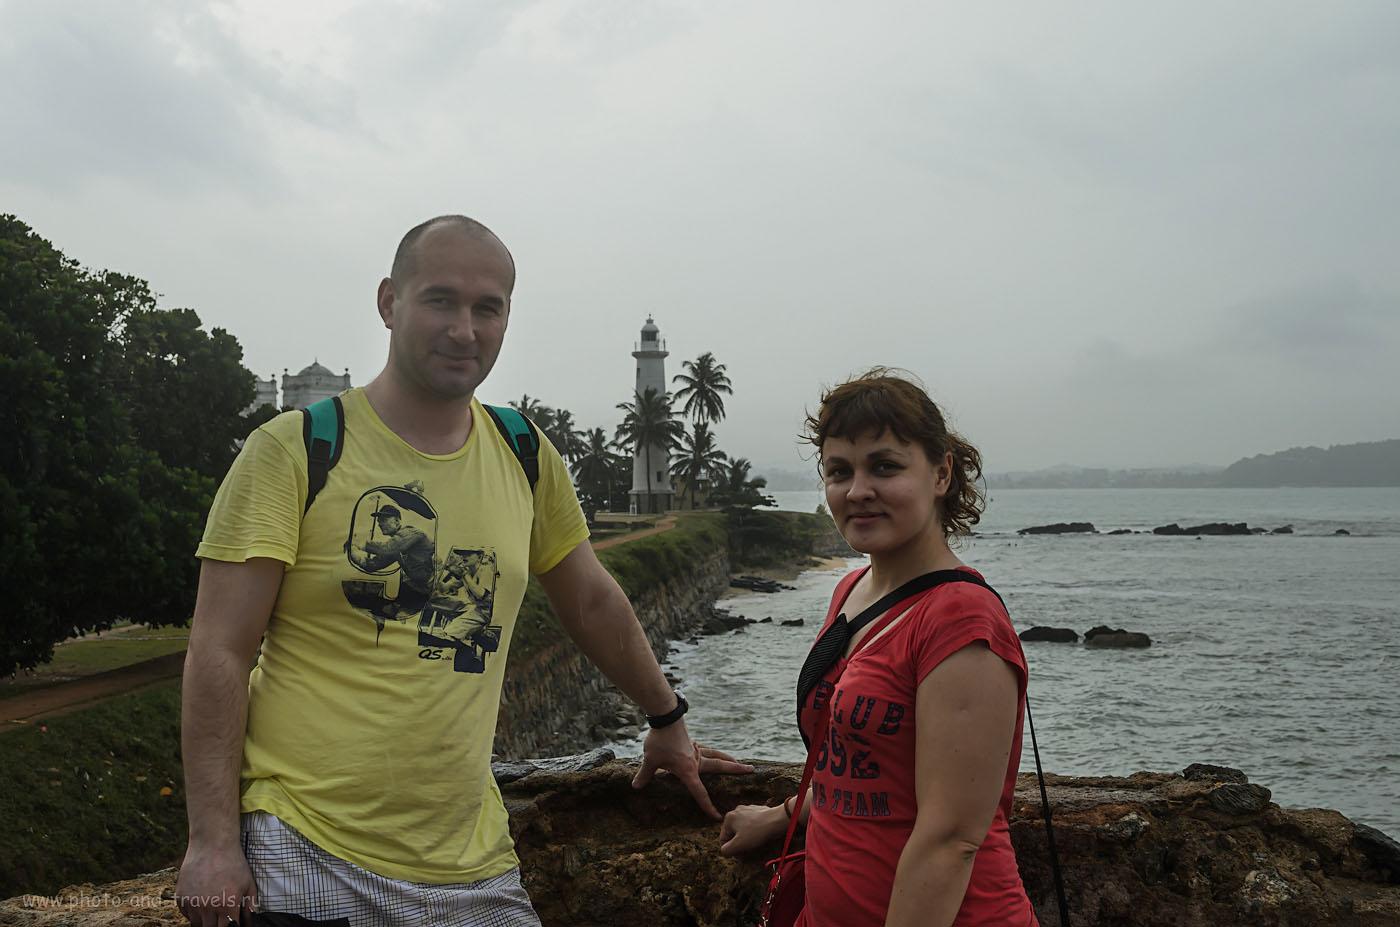 Фото 13. Самостоятельные путешественники на фоне маяка в форте Галле на Шри-Ланке. Отчет о поездке из Хиккадувы в Тиссамахараму на автомобиле.